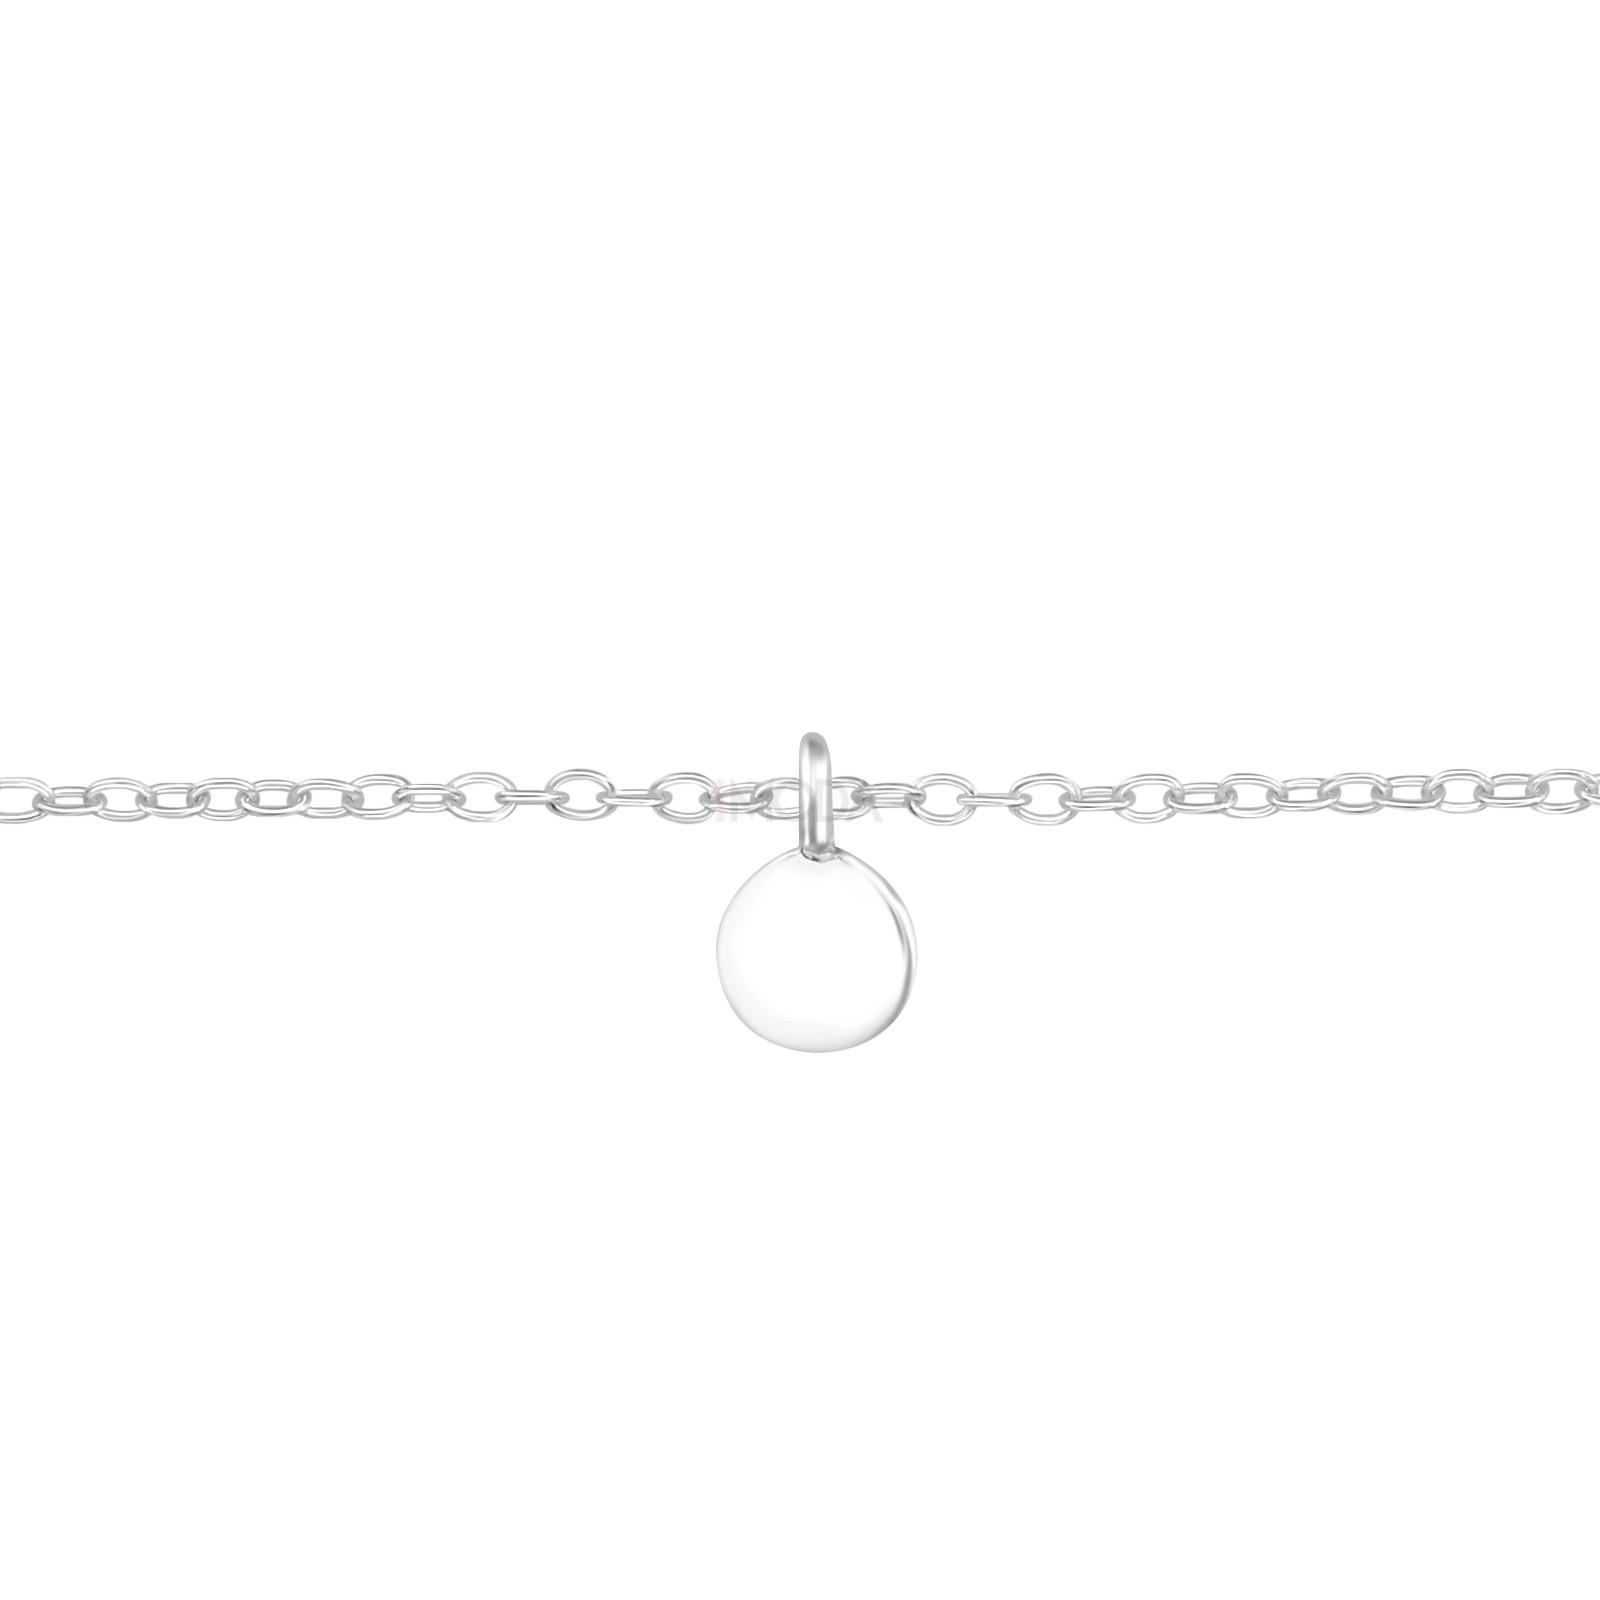 Strieborný náramok-232009-33